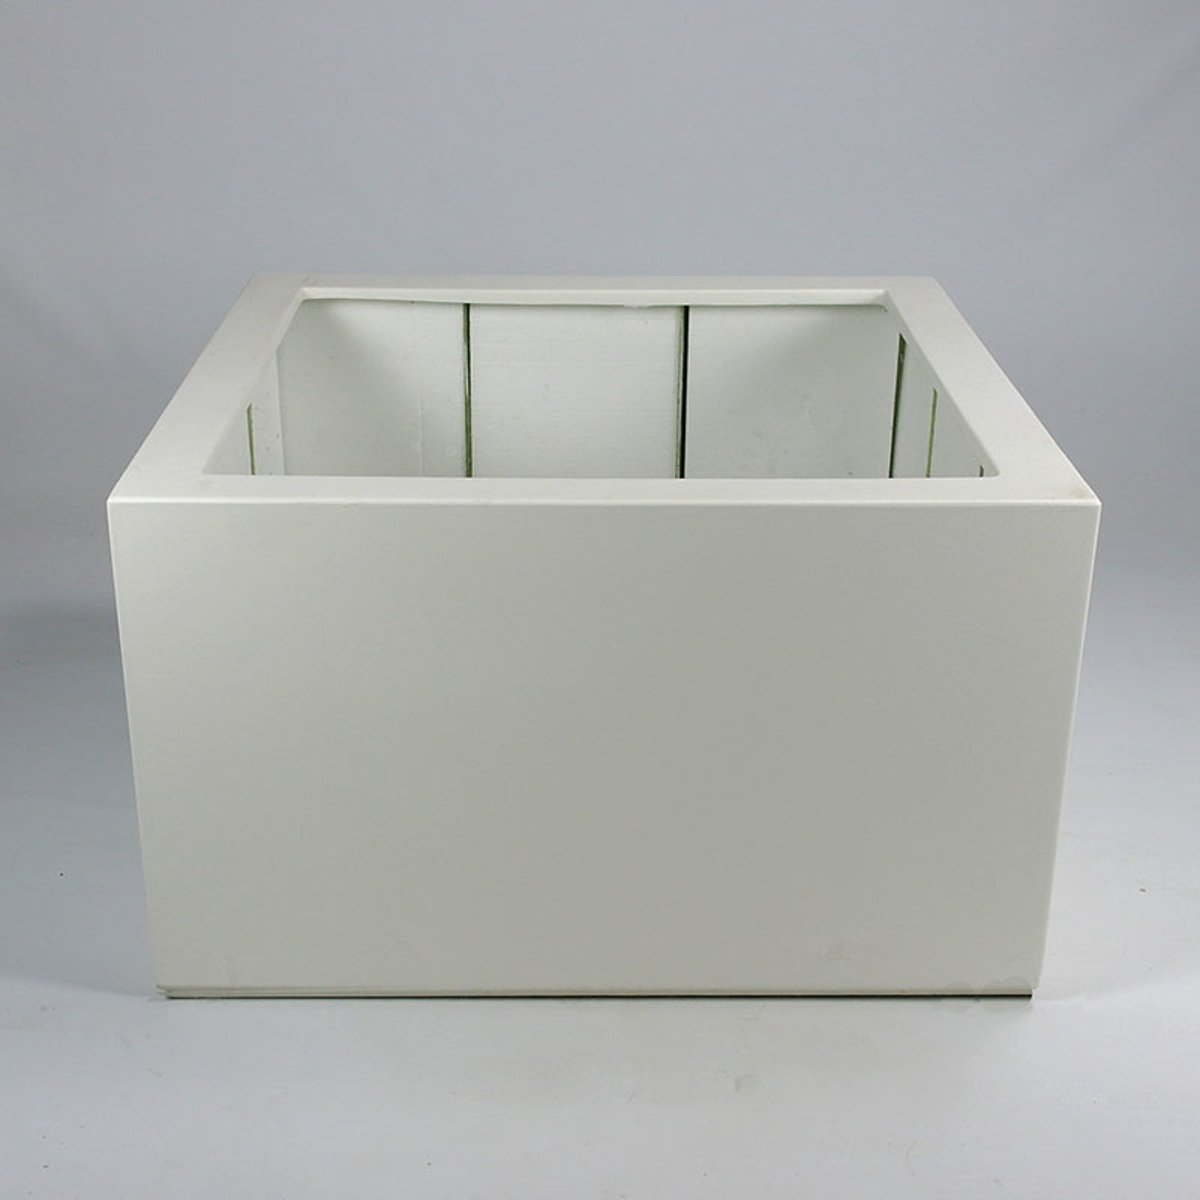 Vierkante polyester plantenbak wit 80 x 60 cm kopen